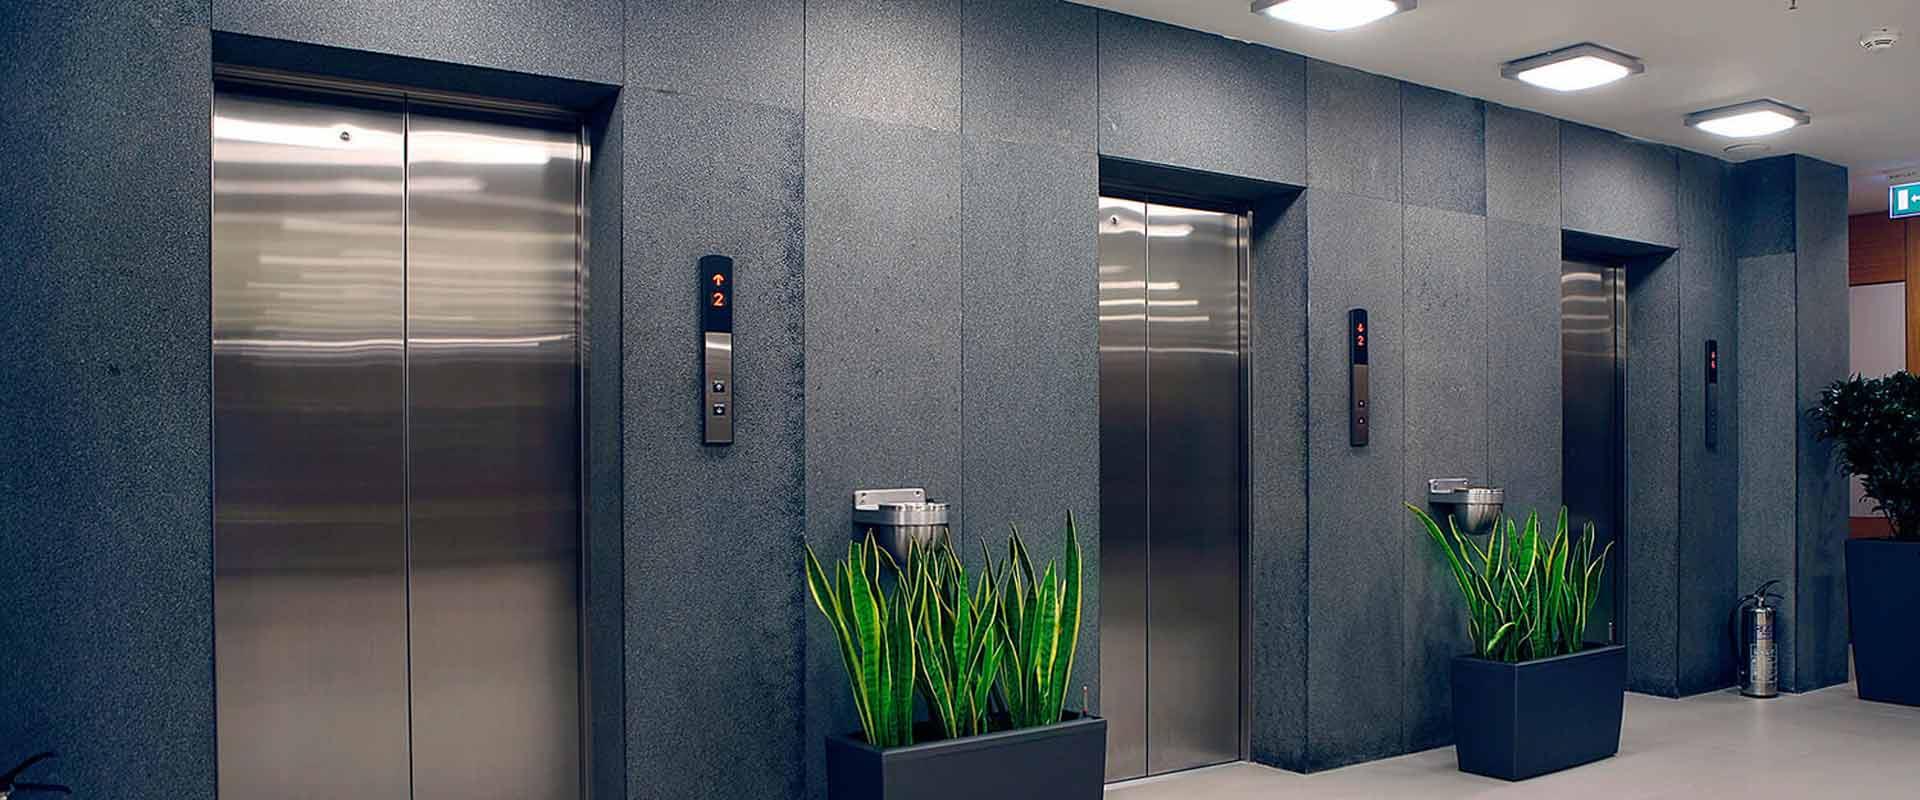 آسانسور های آذین